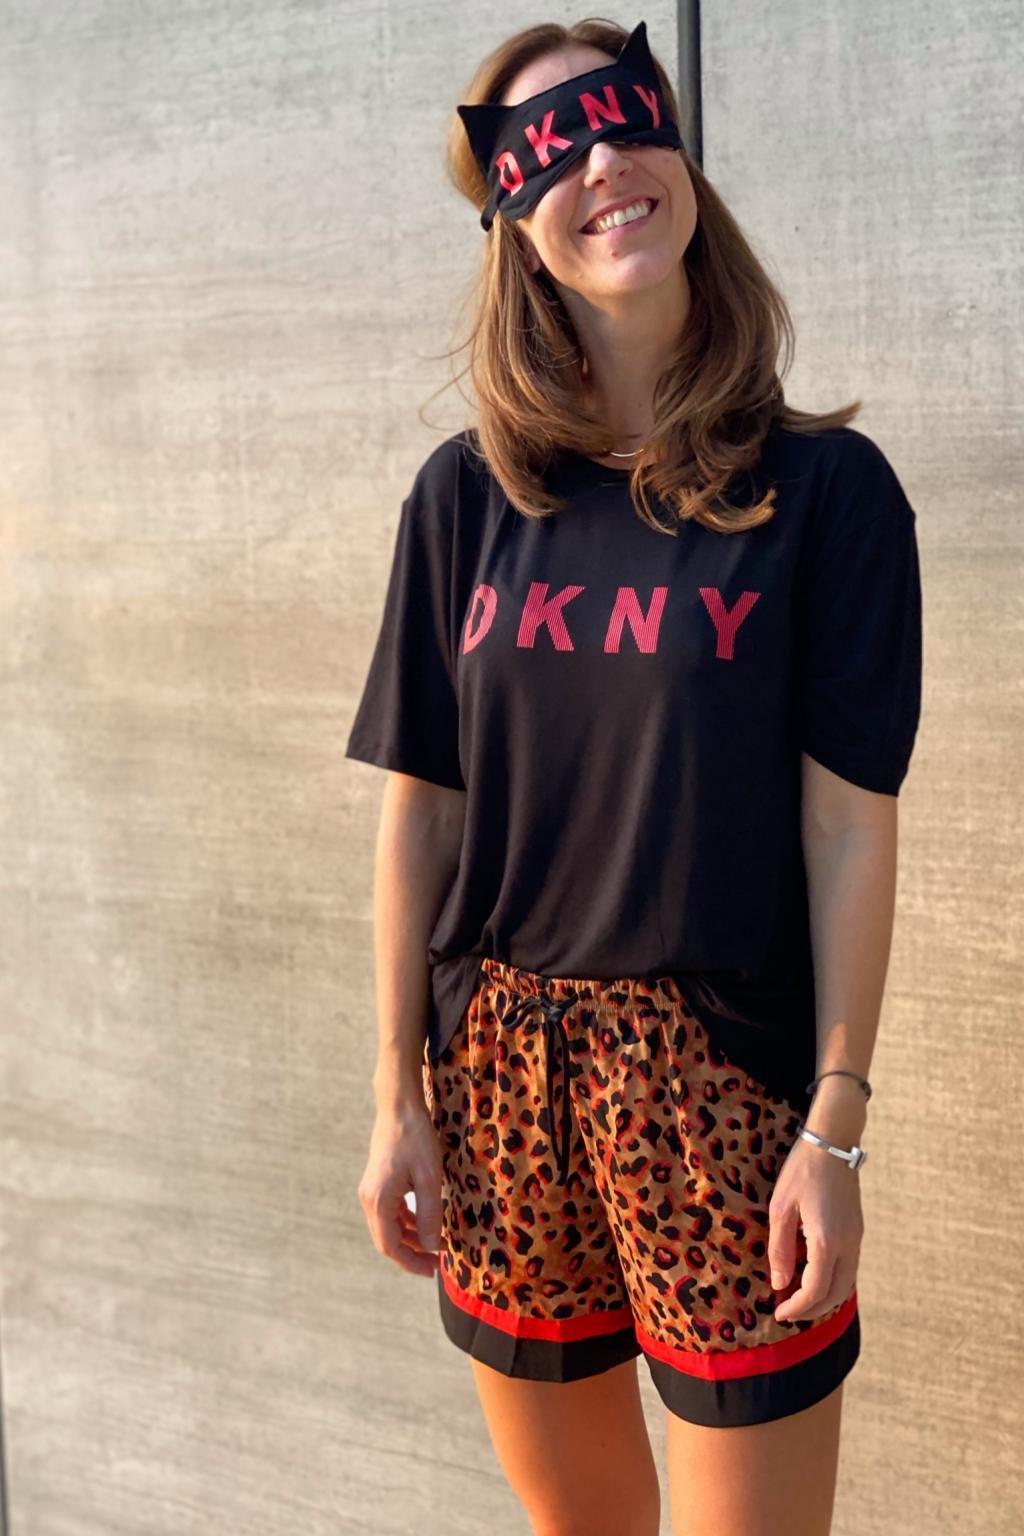 DKNY pyžamový set se škraboškou - černá/hnědá